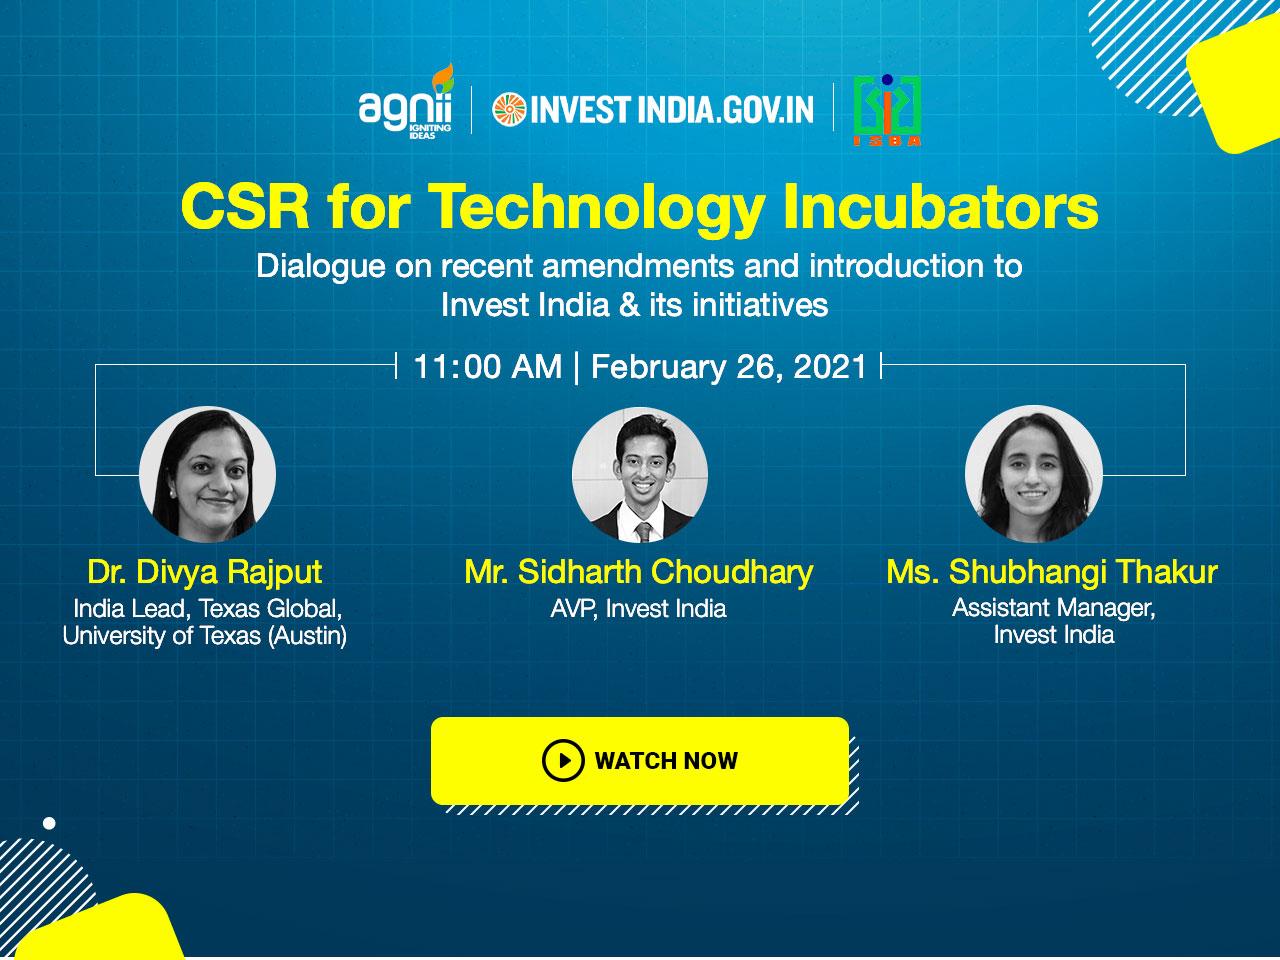 CSR for Technology Incubators